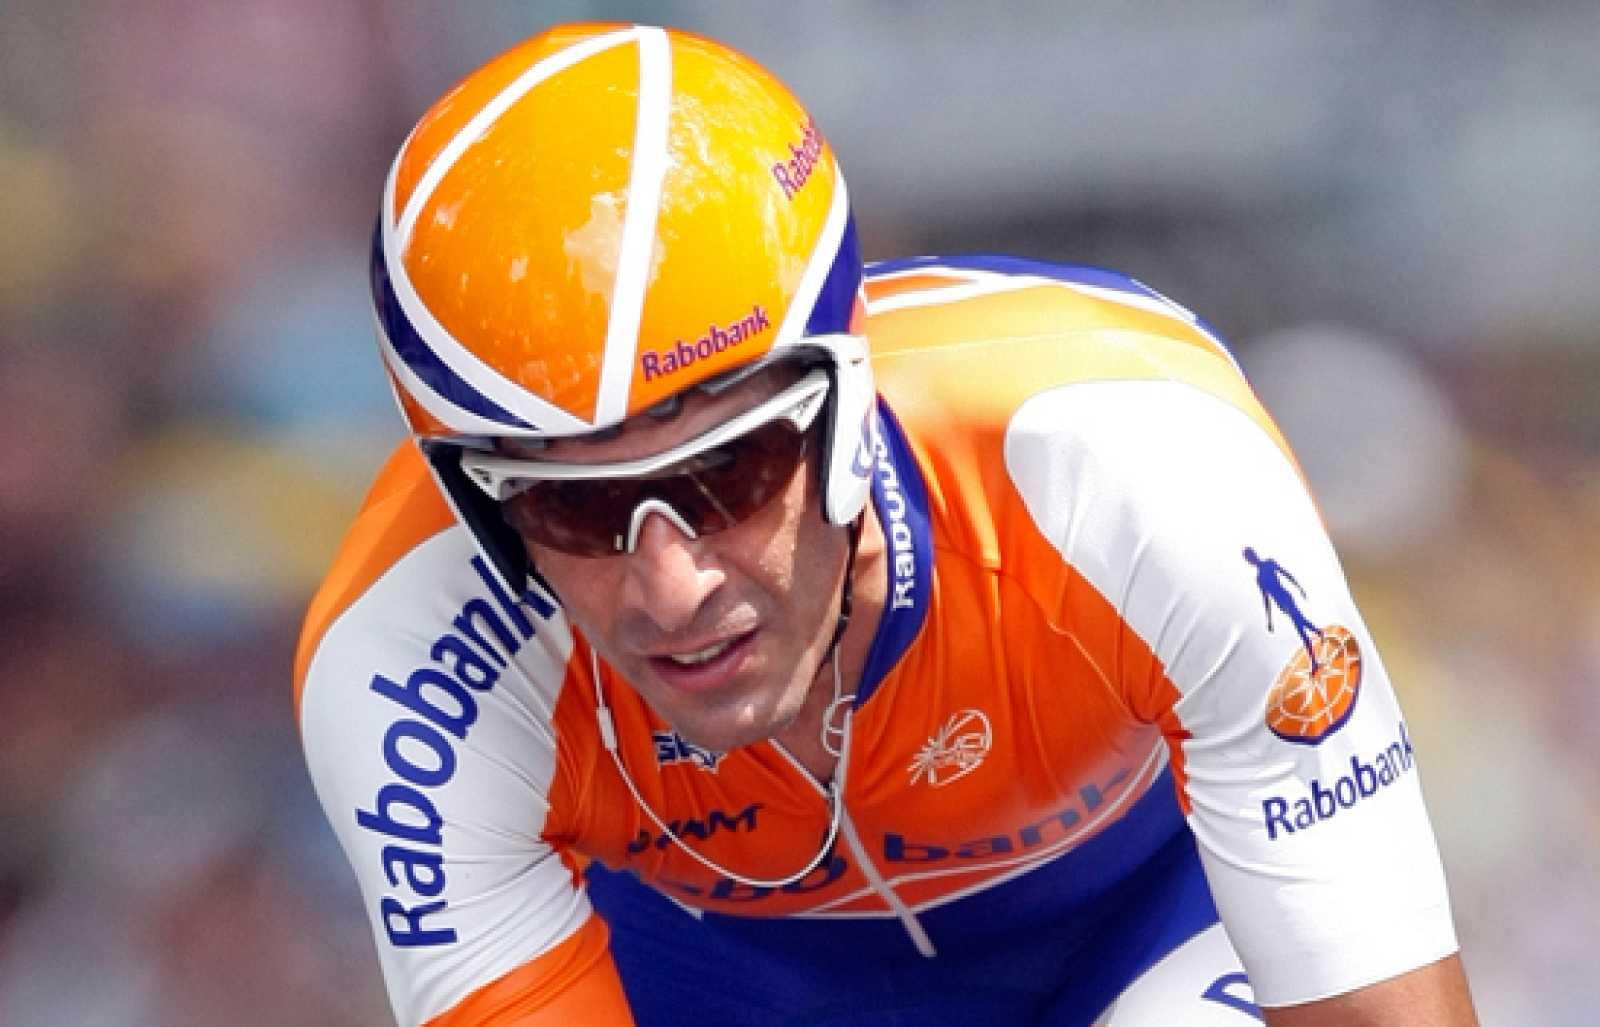 El ciclista Juan Antonio Flecha sube el Rat Penat, que se estrenará en la Vuelta 2010, para TVE.